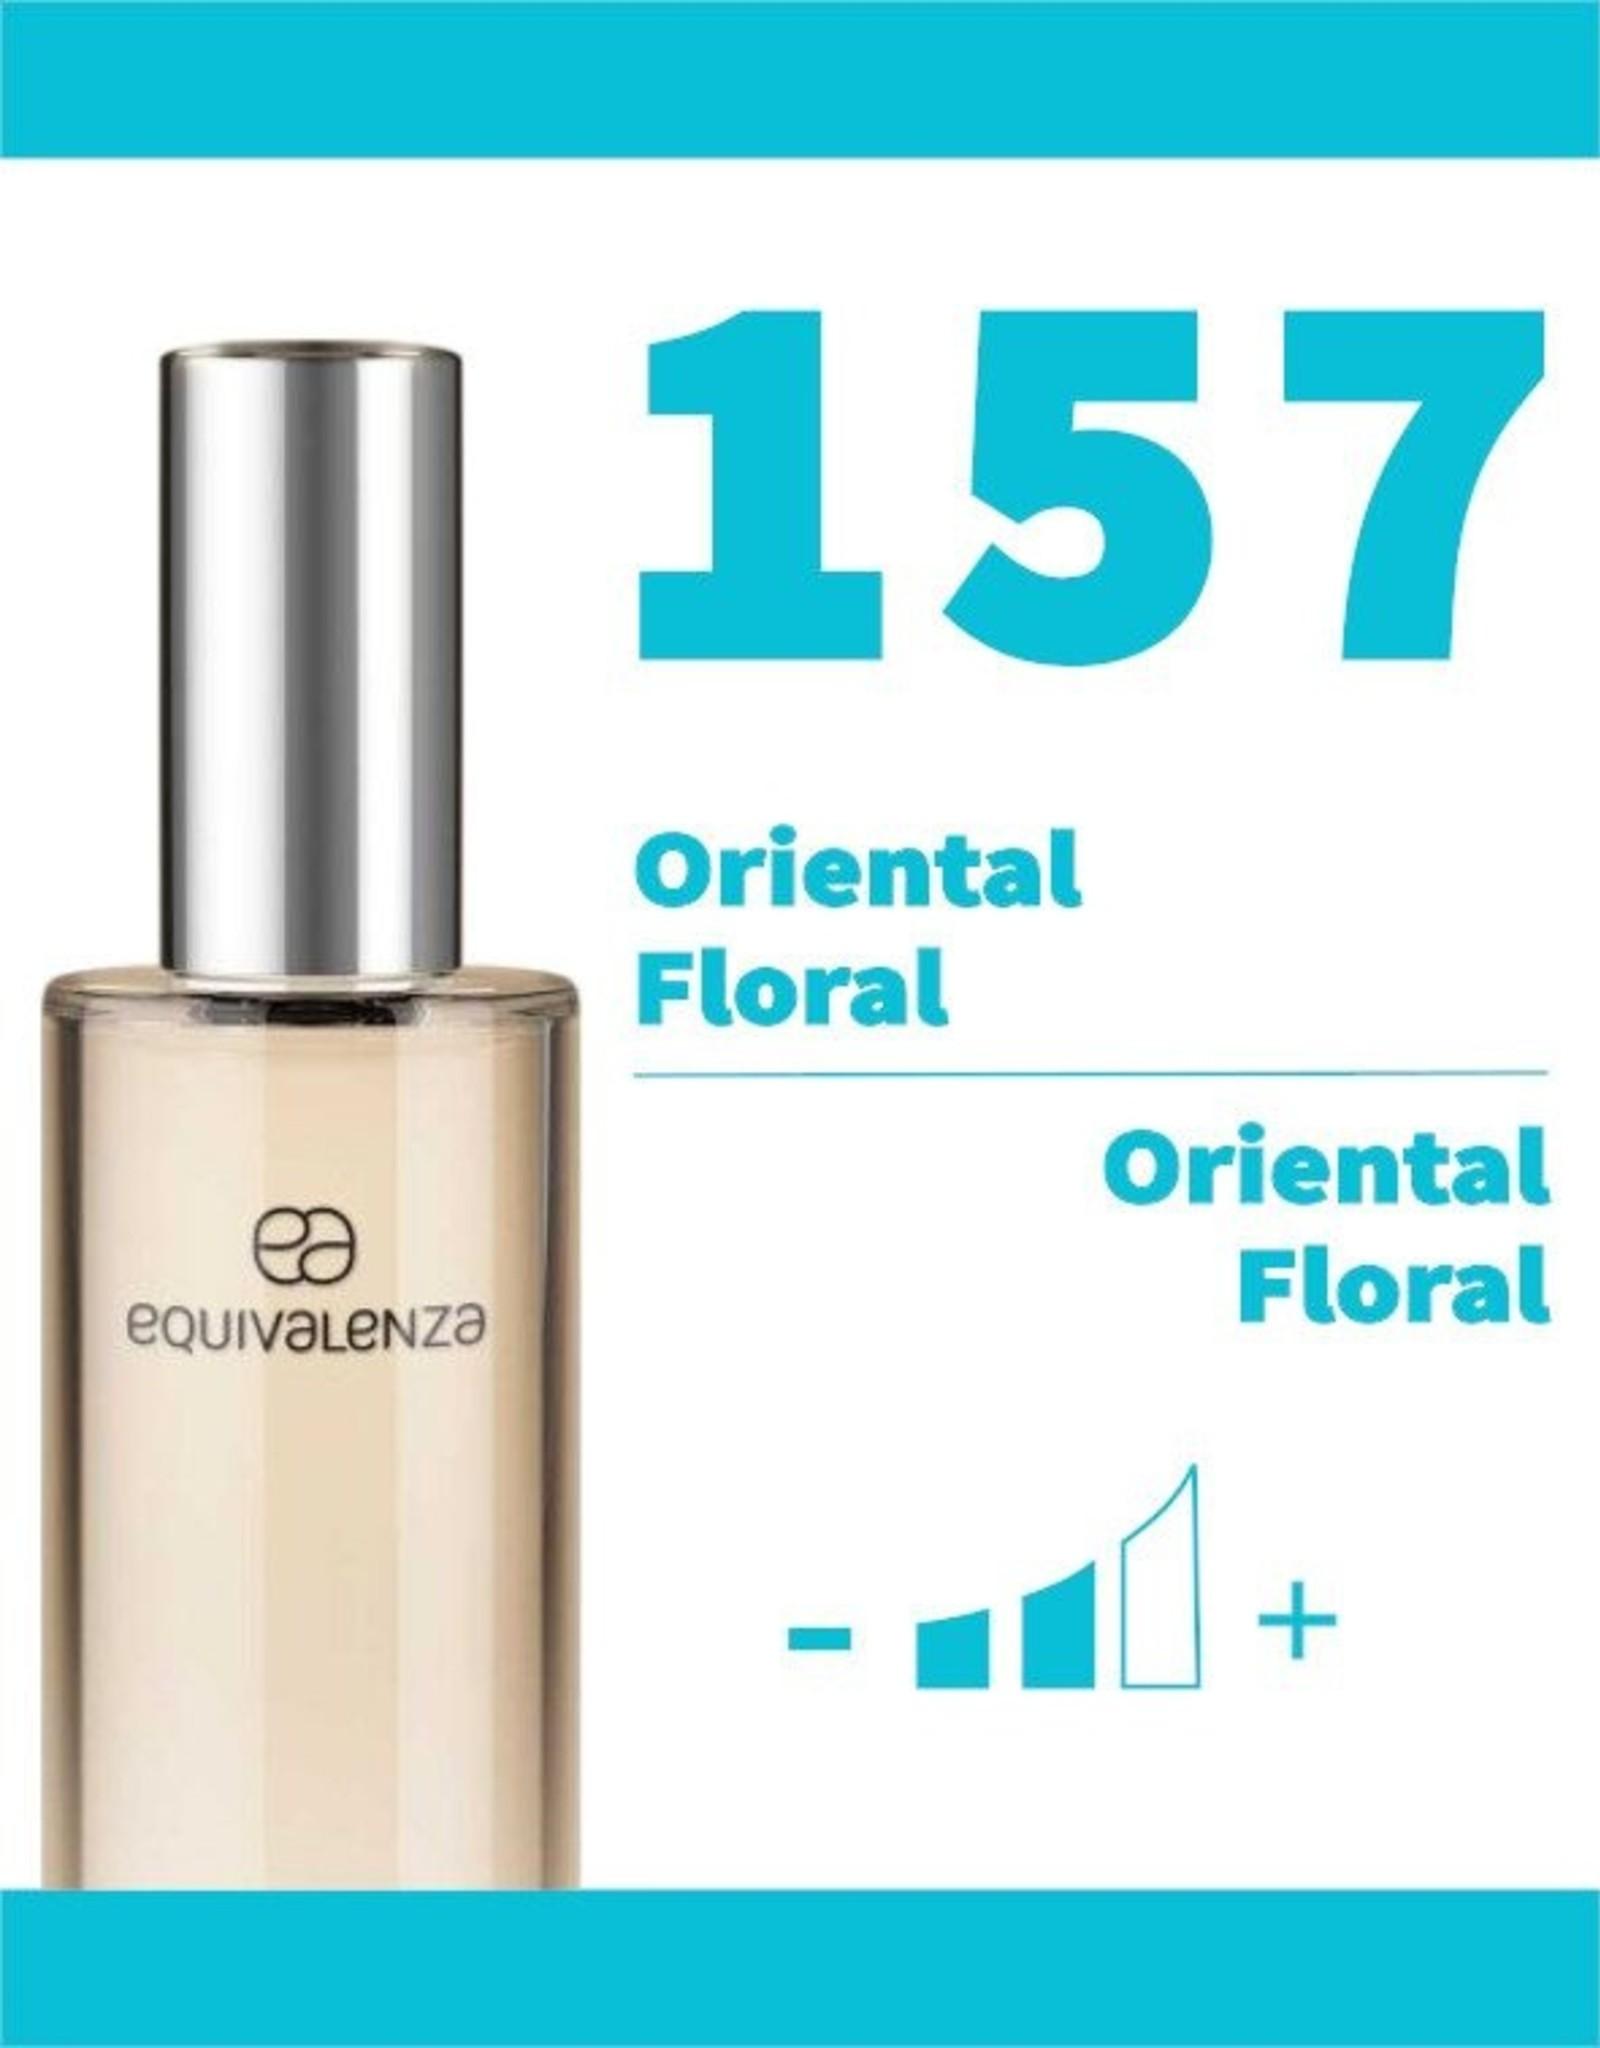 Equivalenza Eau de Parfum Oriental Floral 157